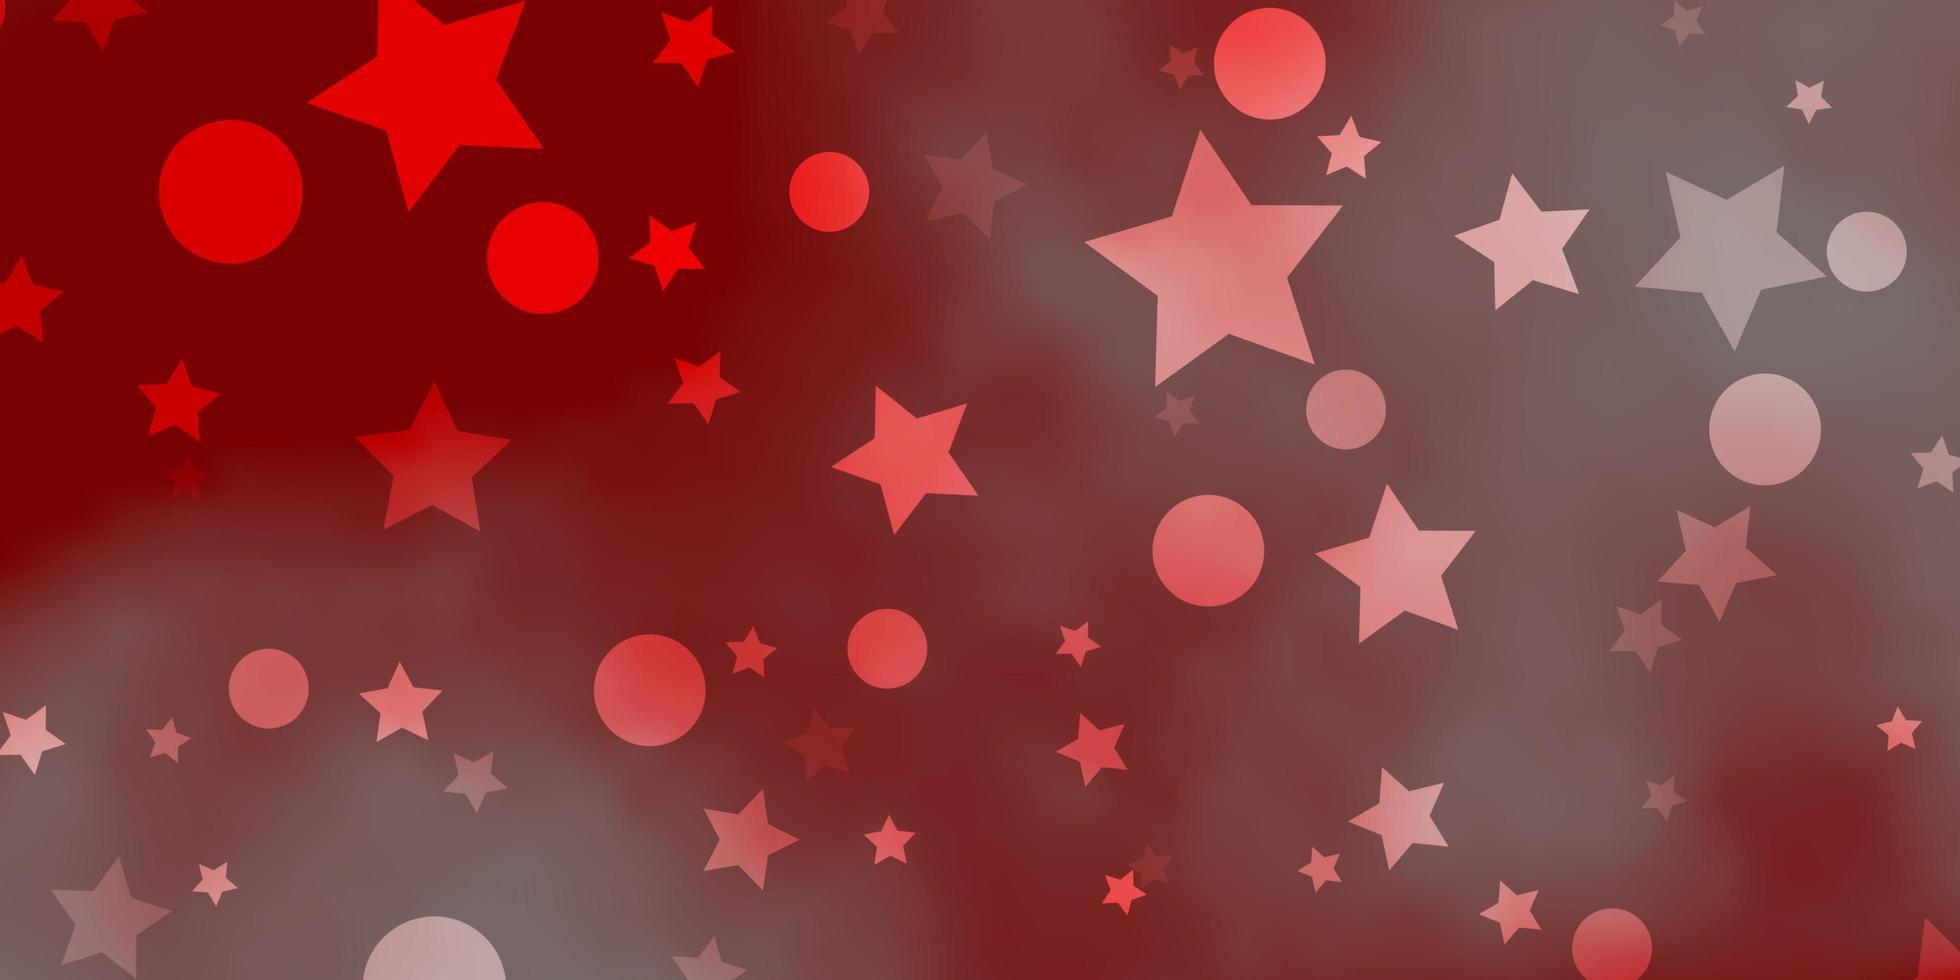 hellrotes Vektorlayout mit Kreisen, Sternen. vektor